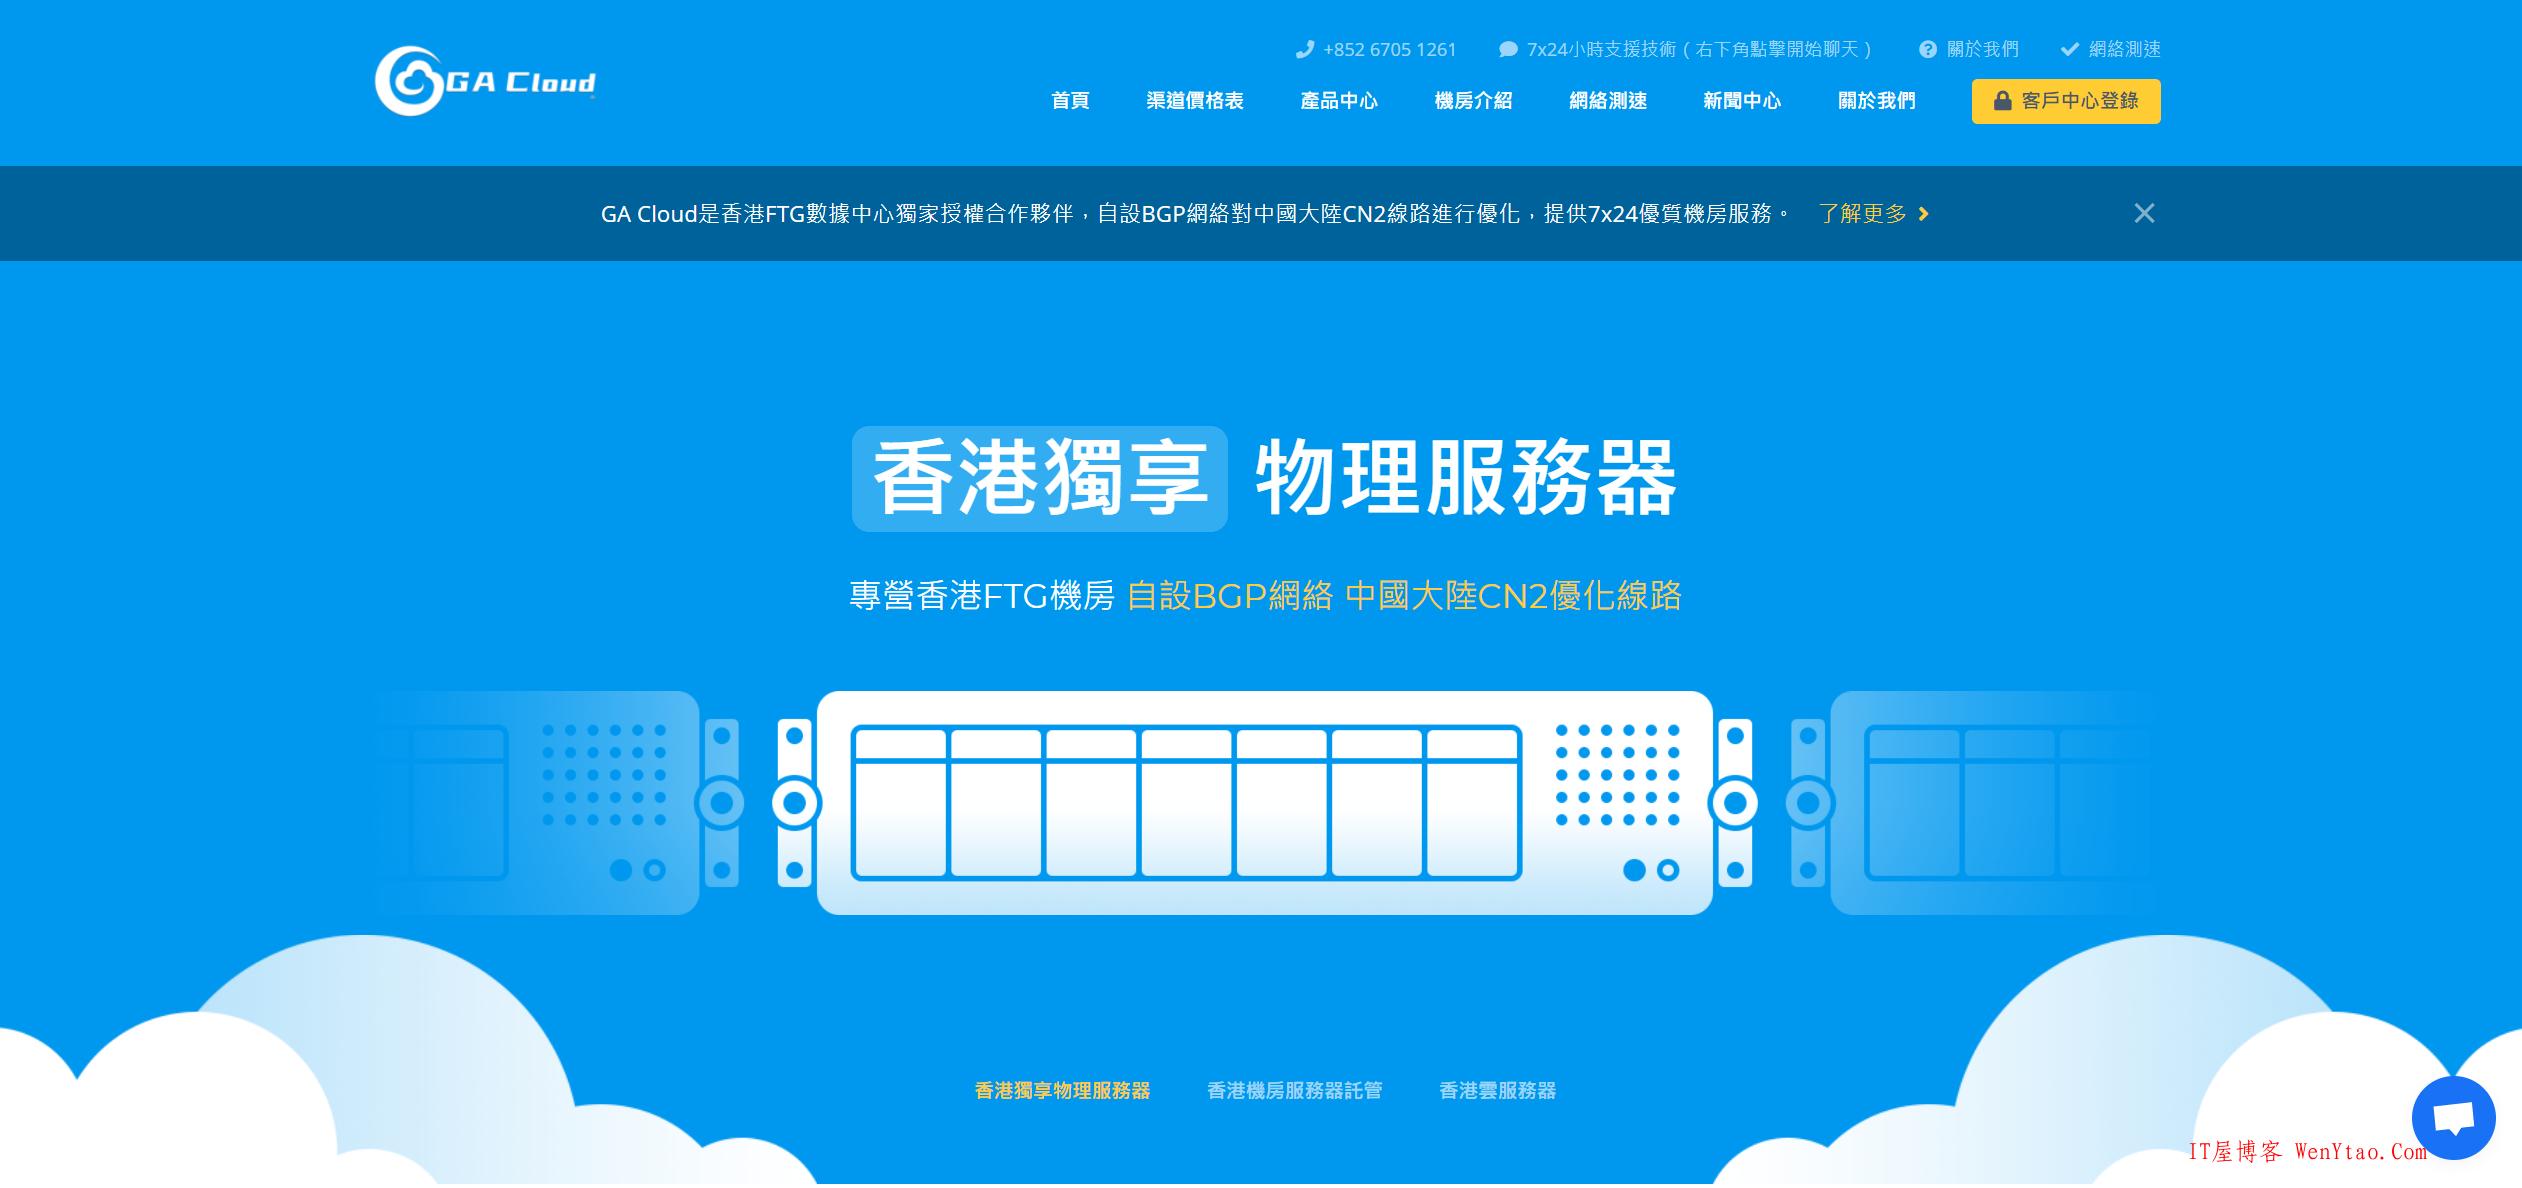 GA Cloud香港机房直销无差价 8月活动物理机母机等产品5折续费同价